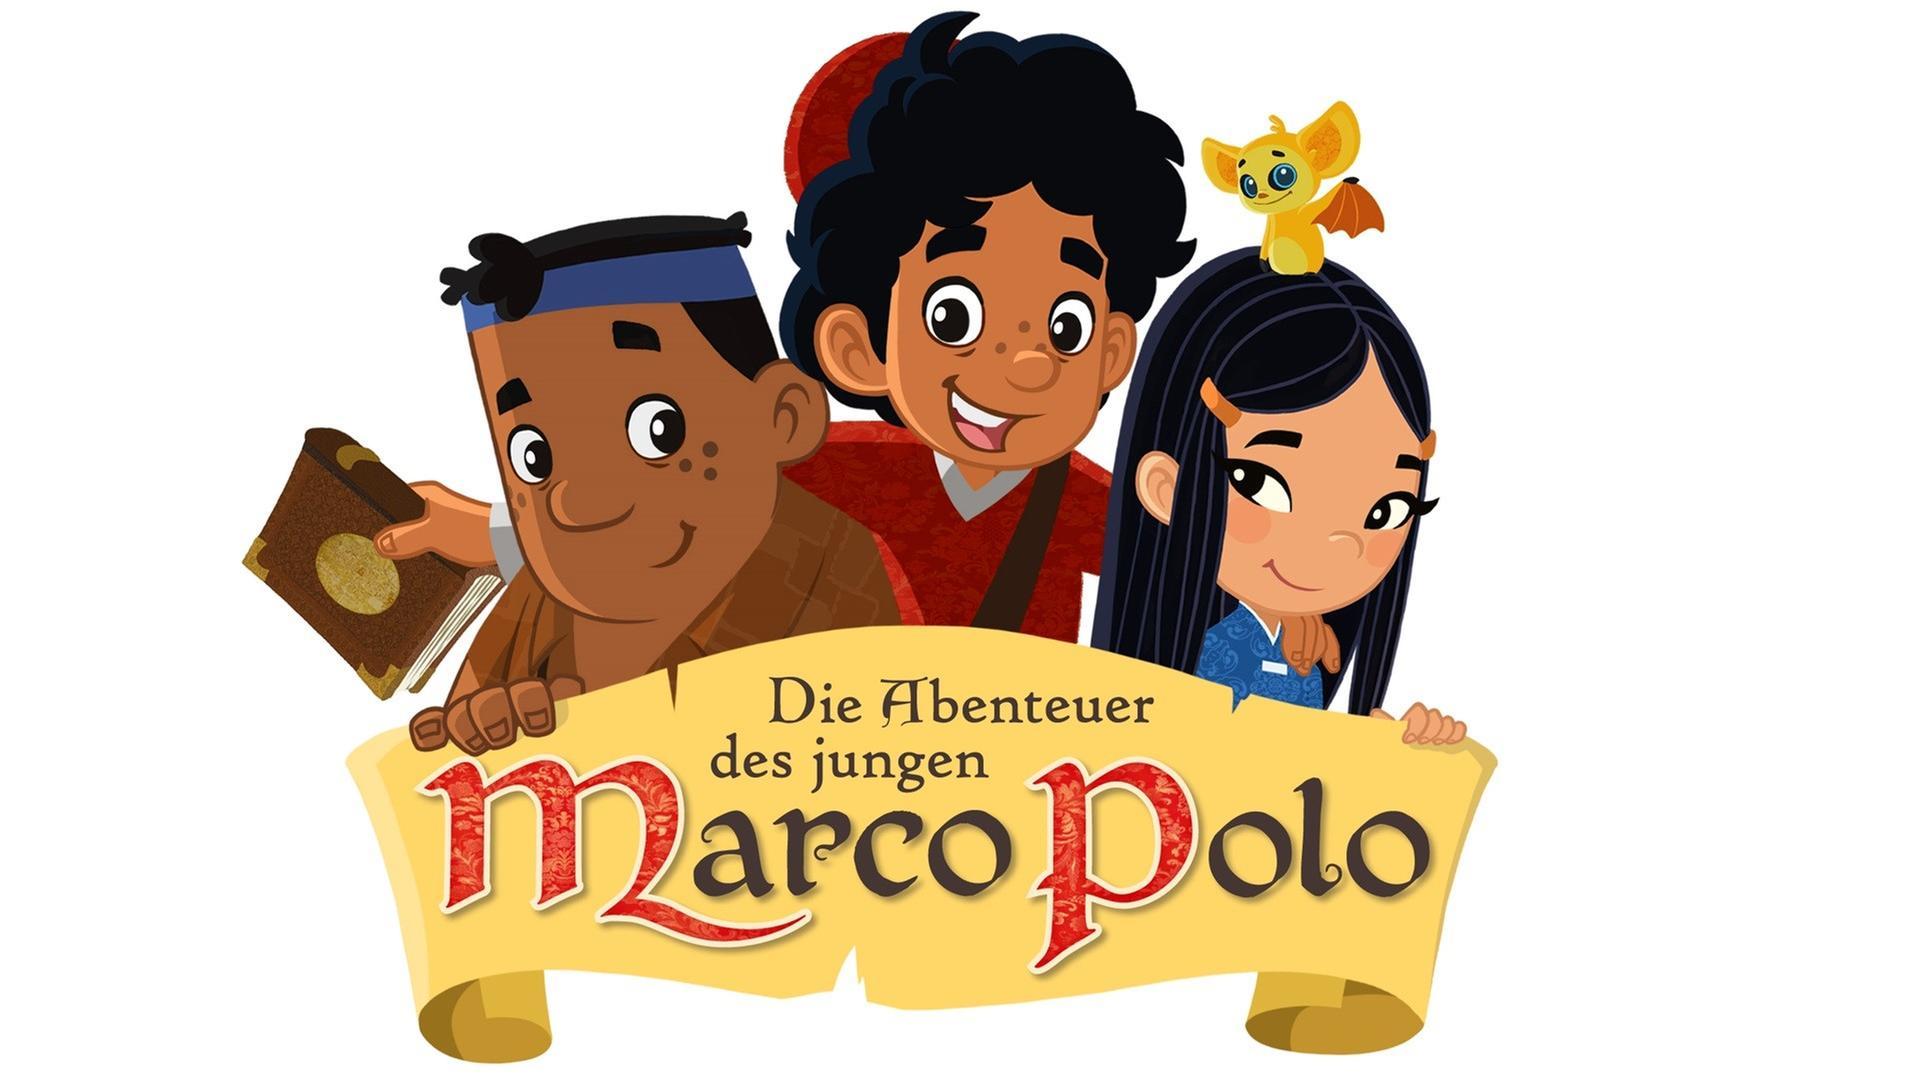 bd3752adc4 KiKA - Folgenübersicht Die Abenteuer des jungen Marco Polo